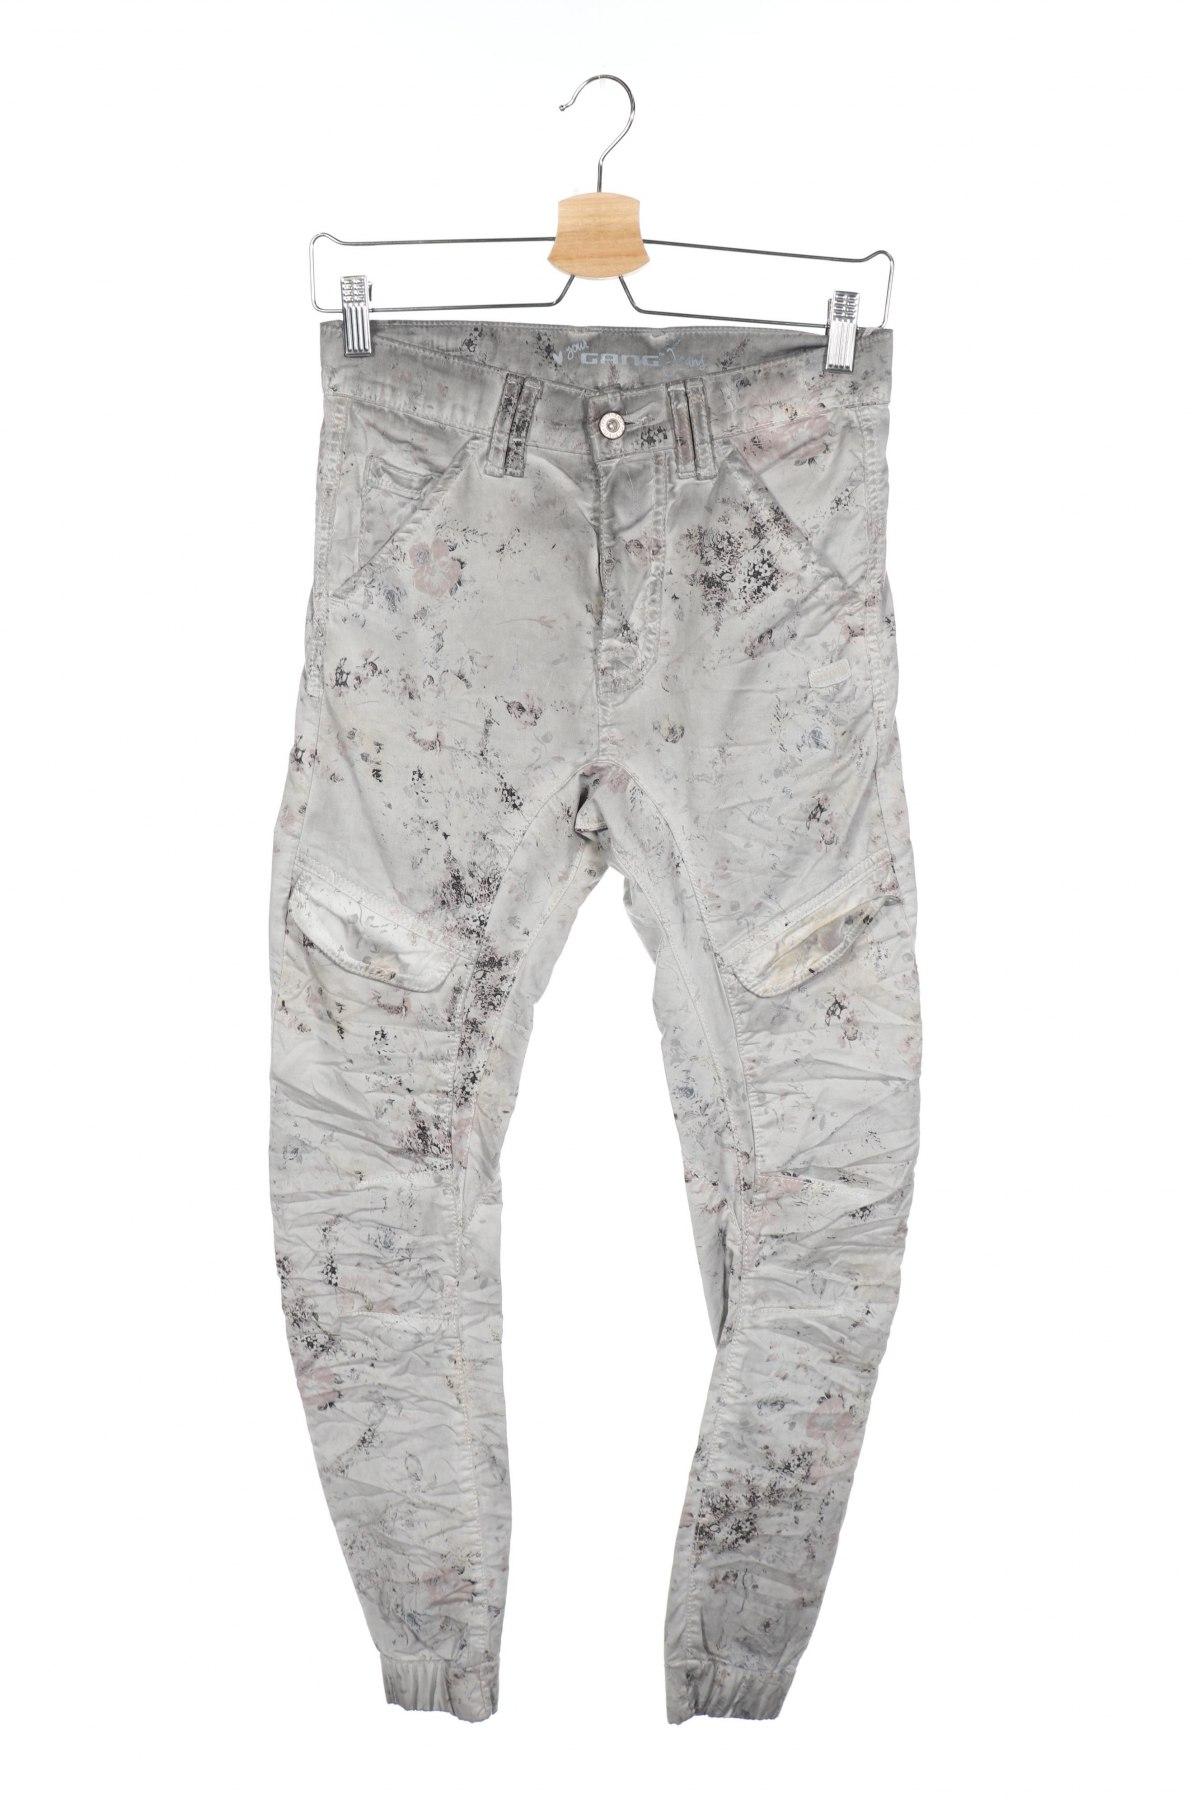 Дамски панталон Gang, Размер XS, Цвят Сив, 97% памук, 3% еластан, Цена 12,72лв.